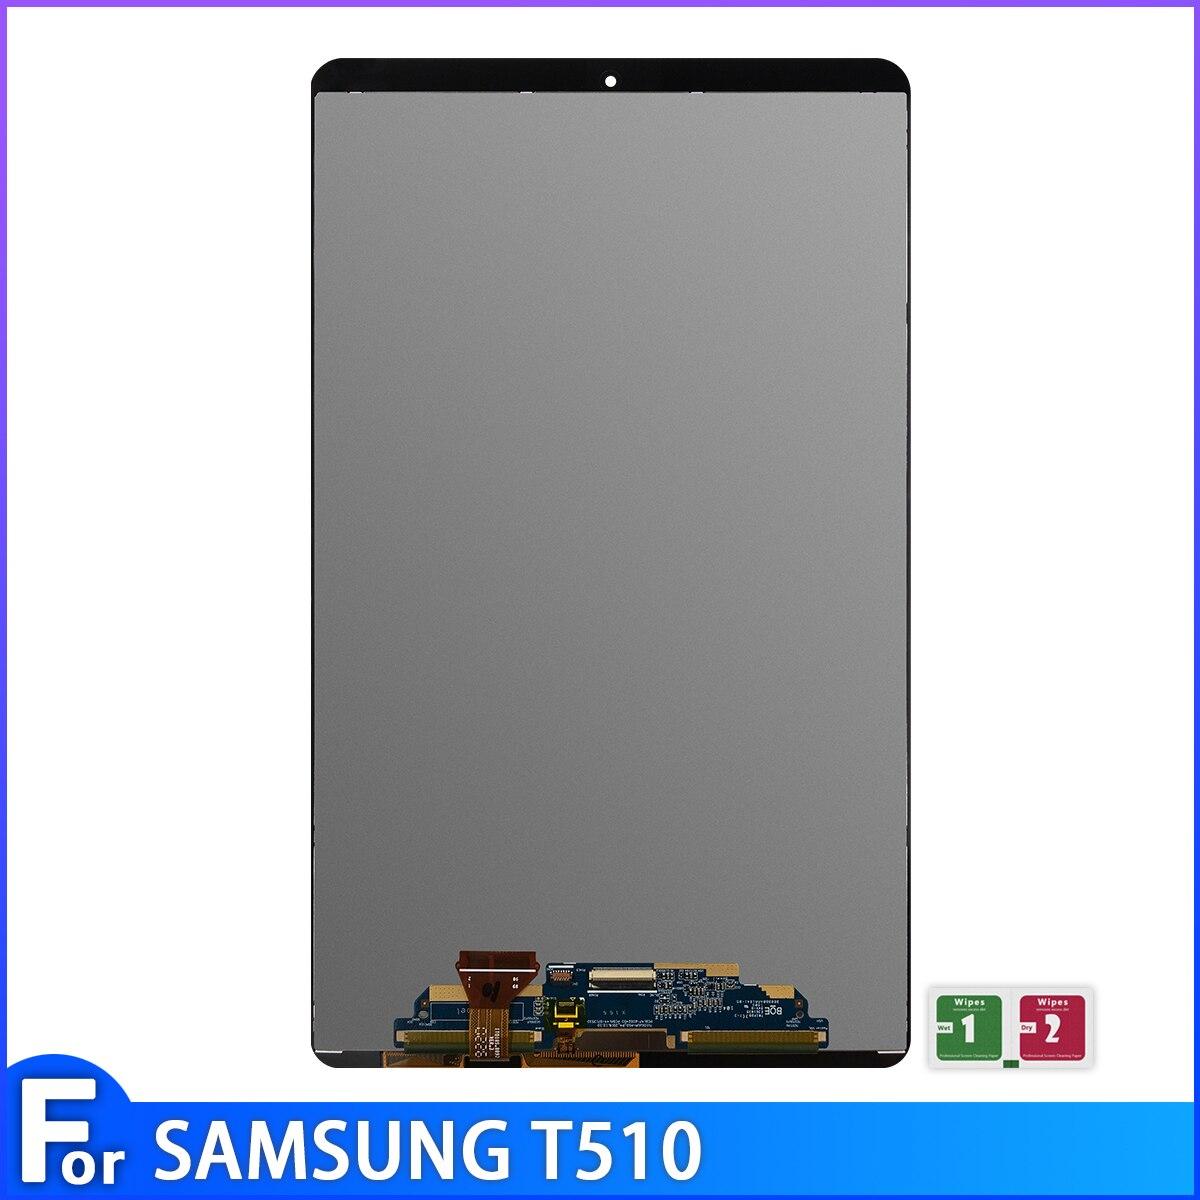 [해외] 삼성 갤럭시 탭 A 10.1(2019) T510 SM-T510 T510N LCD 디스플레이 터치 스크린 어셈블리 T515 100% 테스트